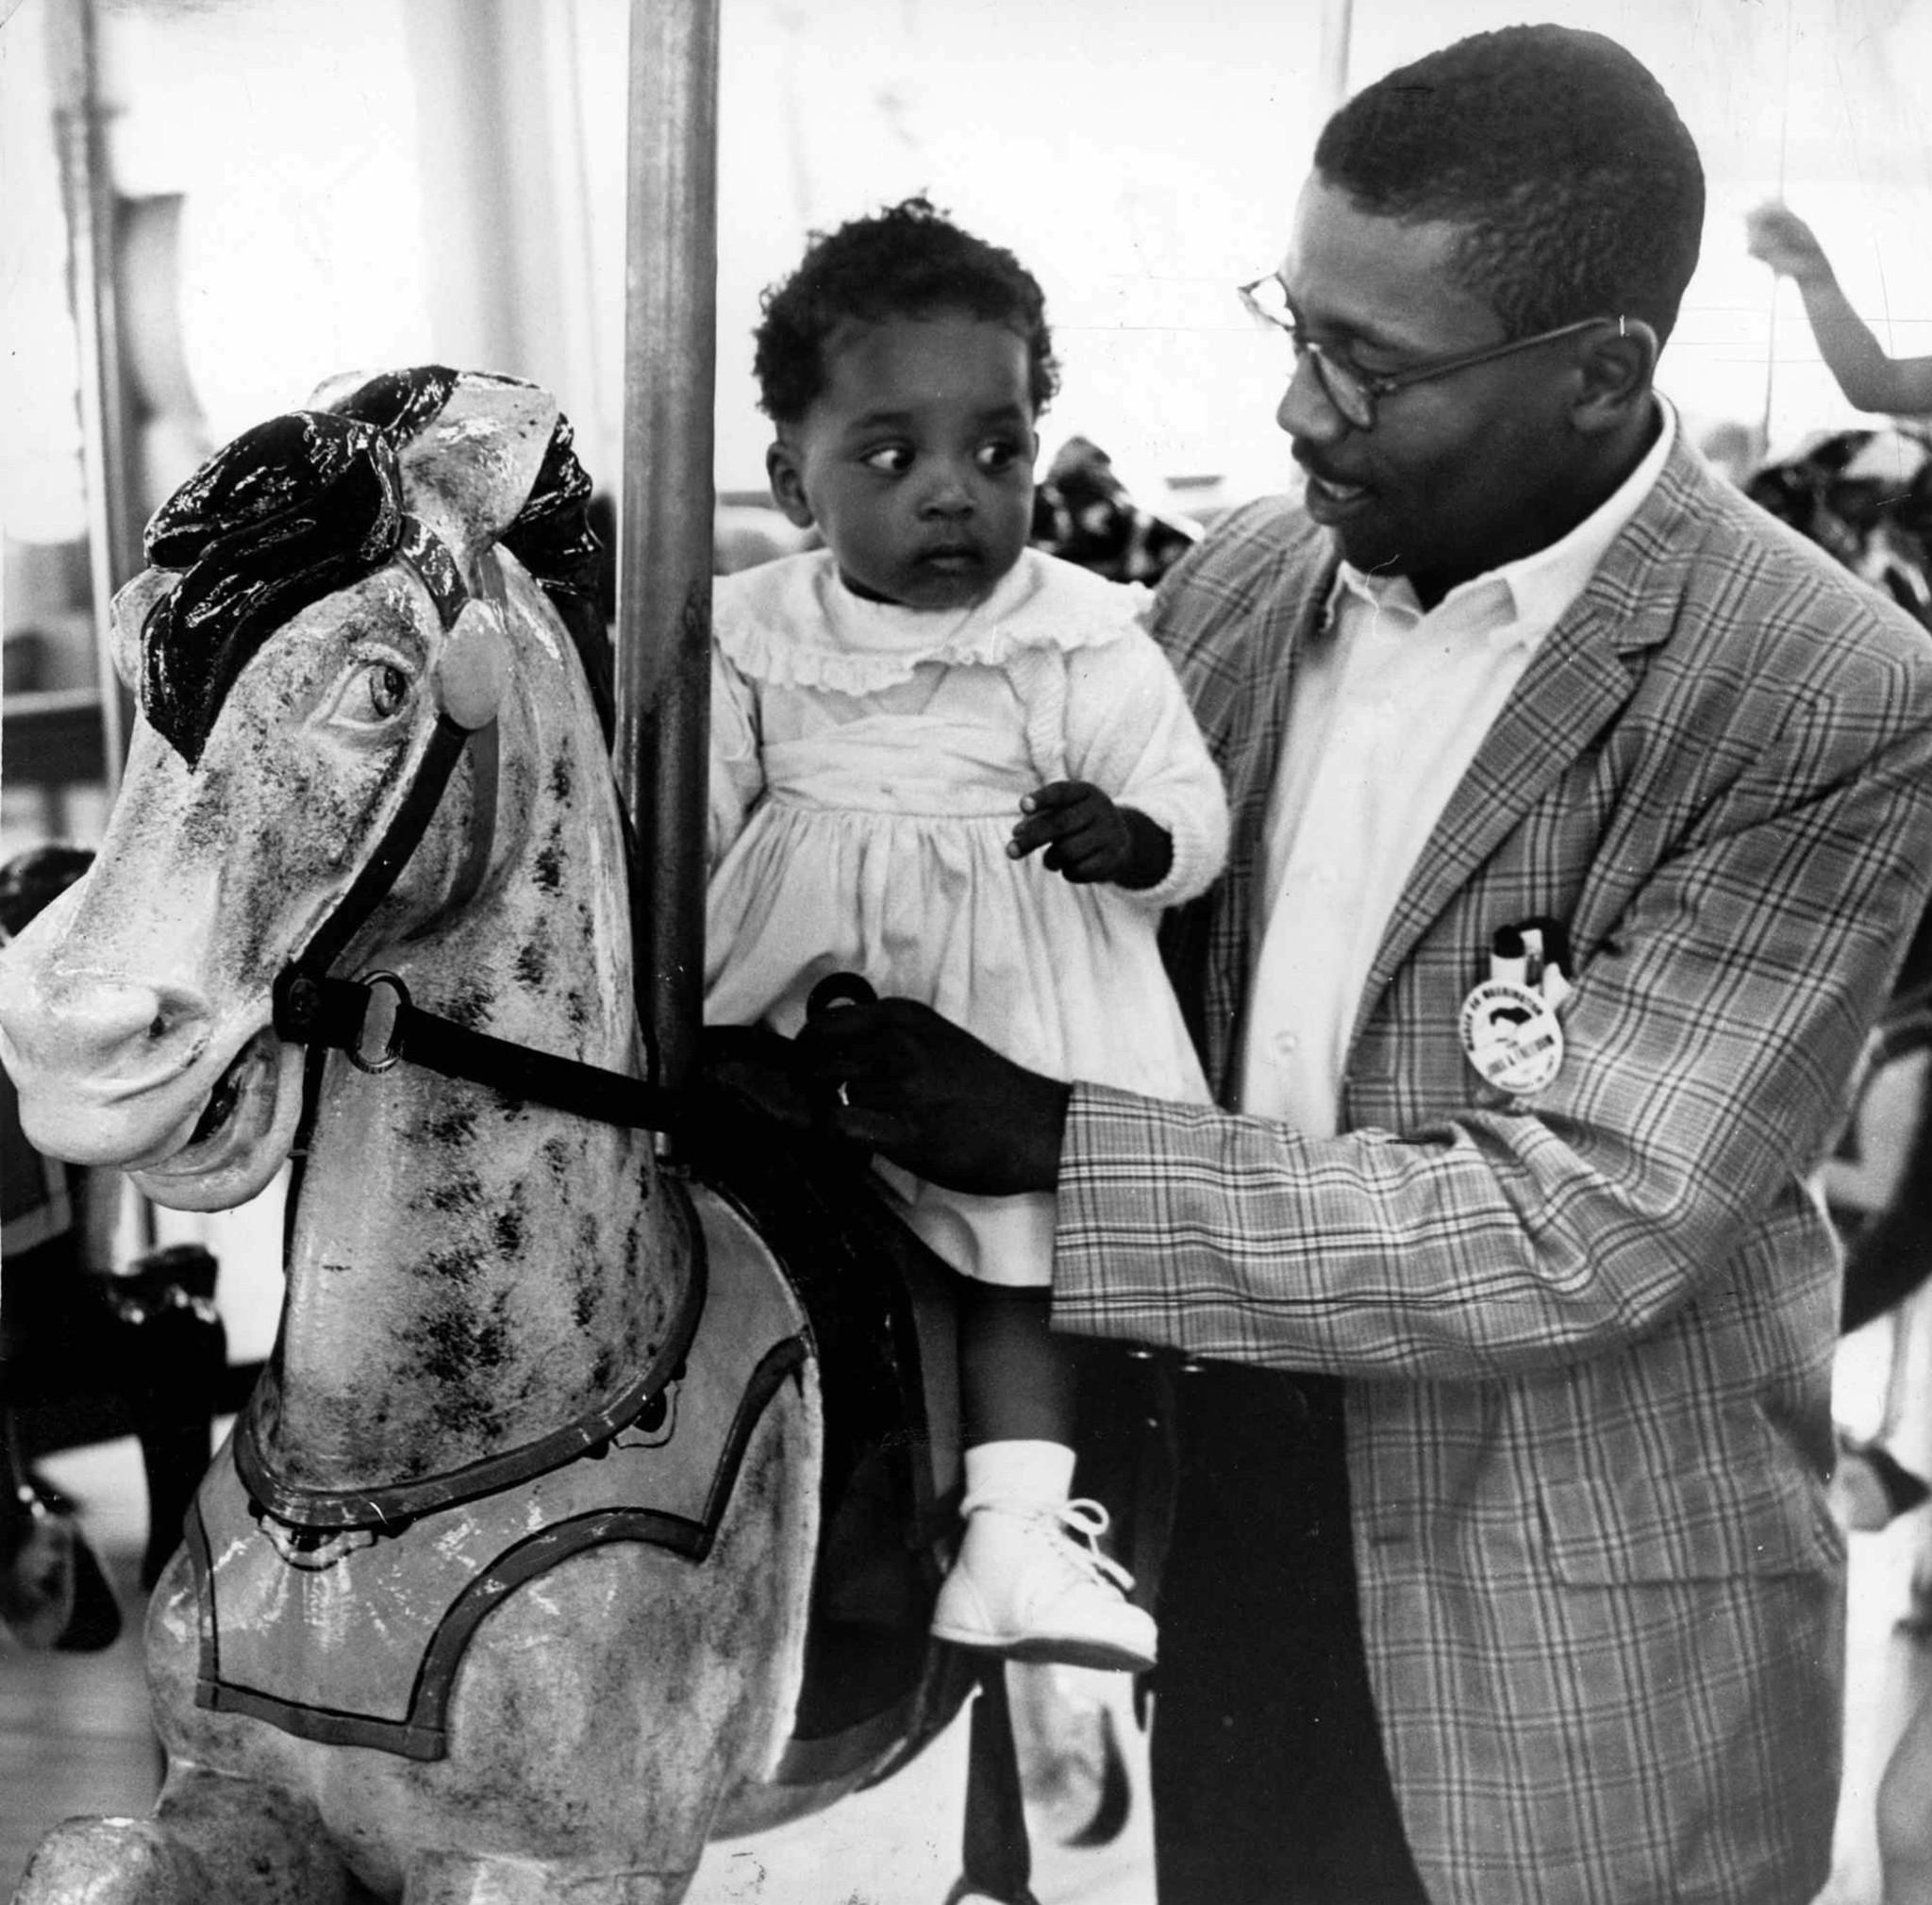 retro baltimore  photos of african